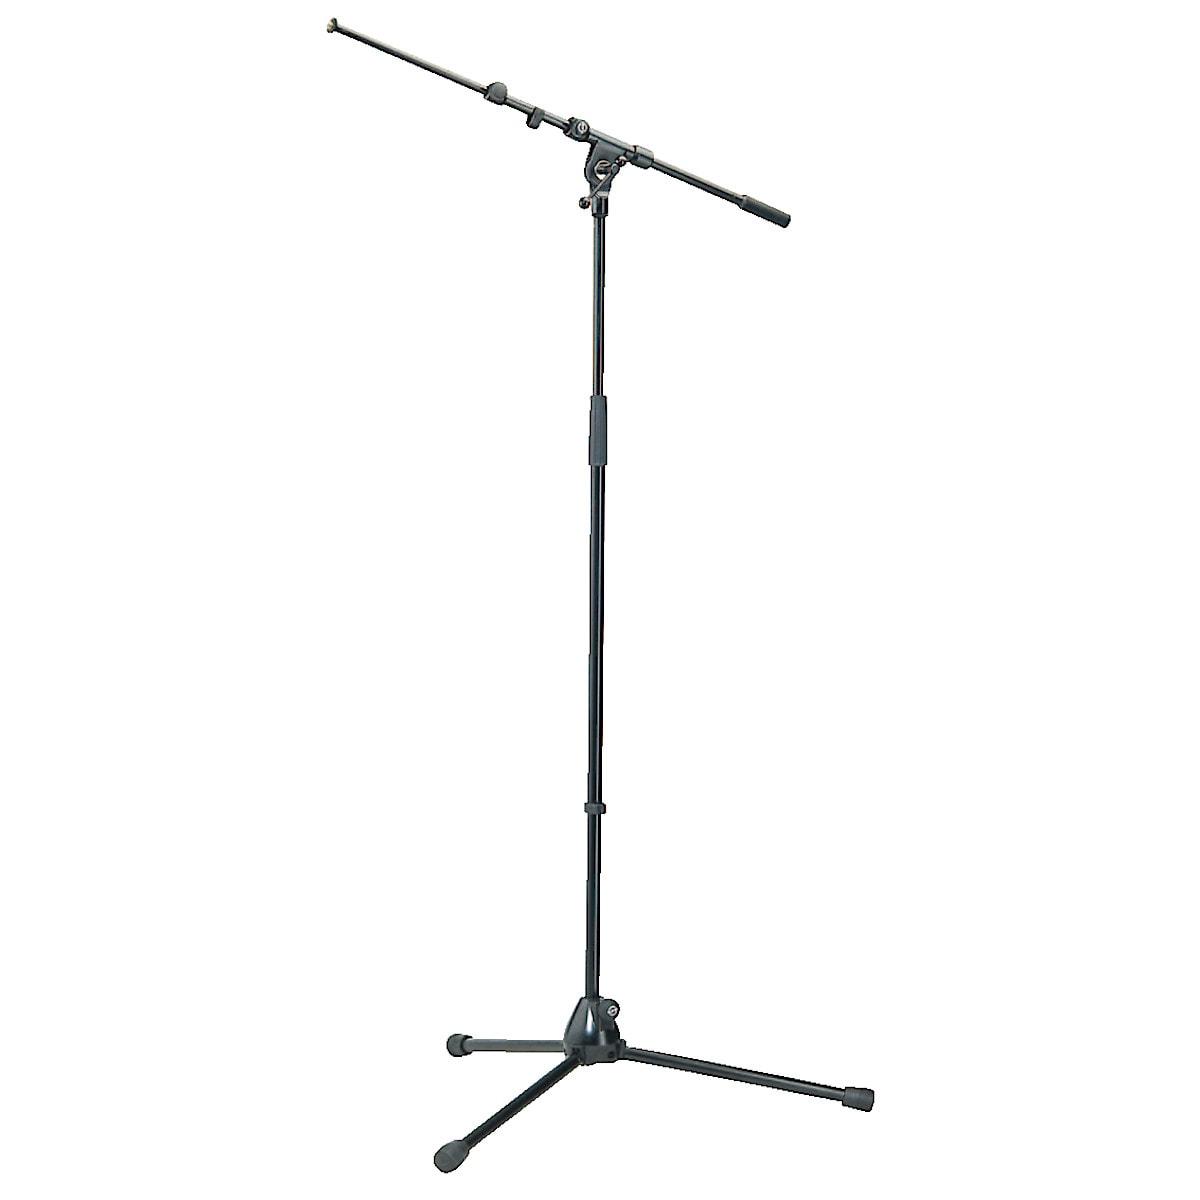 Mikrofonstativ König & Meyer 210/4 B